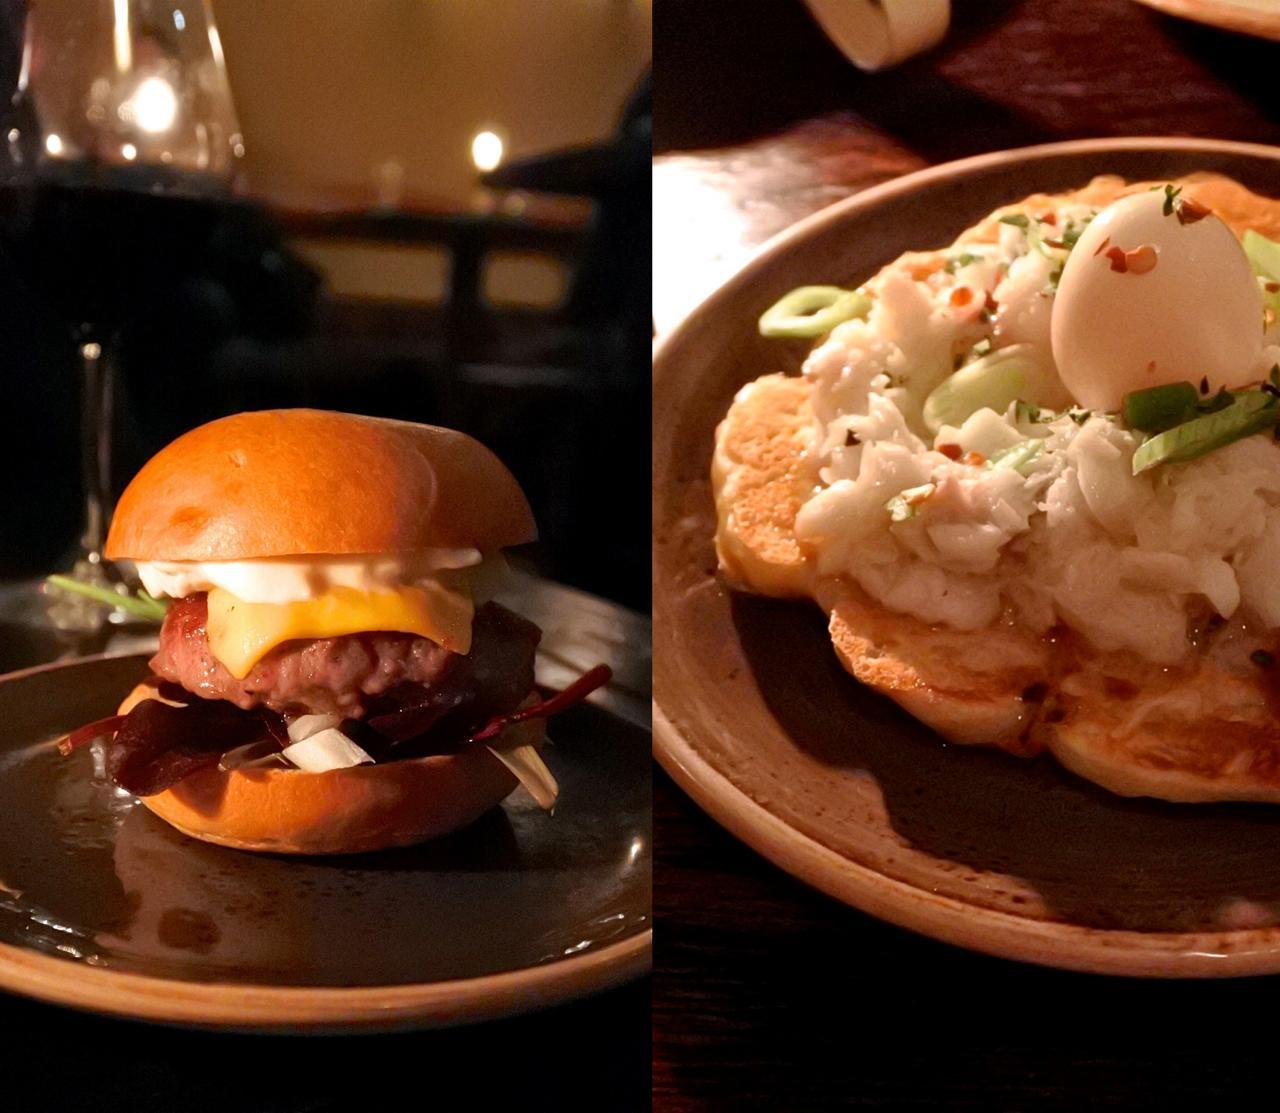 右がヘイクのピルピルのトルティーヤ、左は注文した鴨胸肉がなくなってしまった代わりに提案されたミニ・ポーク・バーガー。ナチュラルなお味でそれなりに美味しかったけれど、何か味のアクセントがほしいかも。